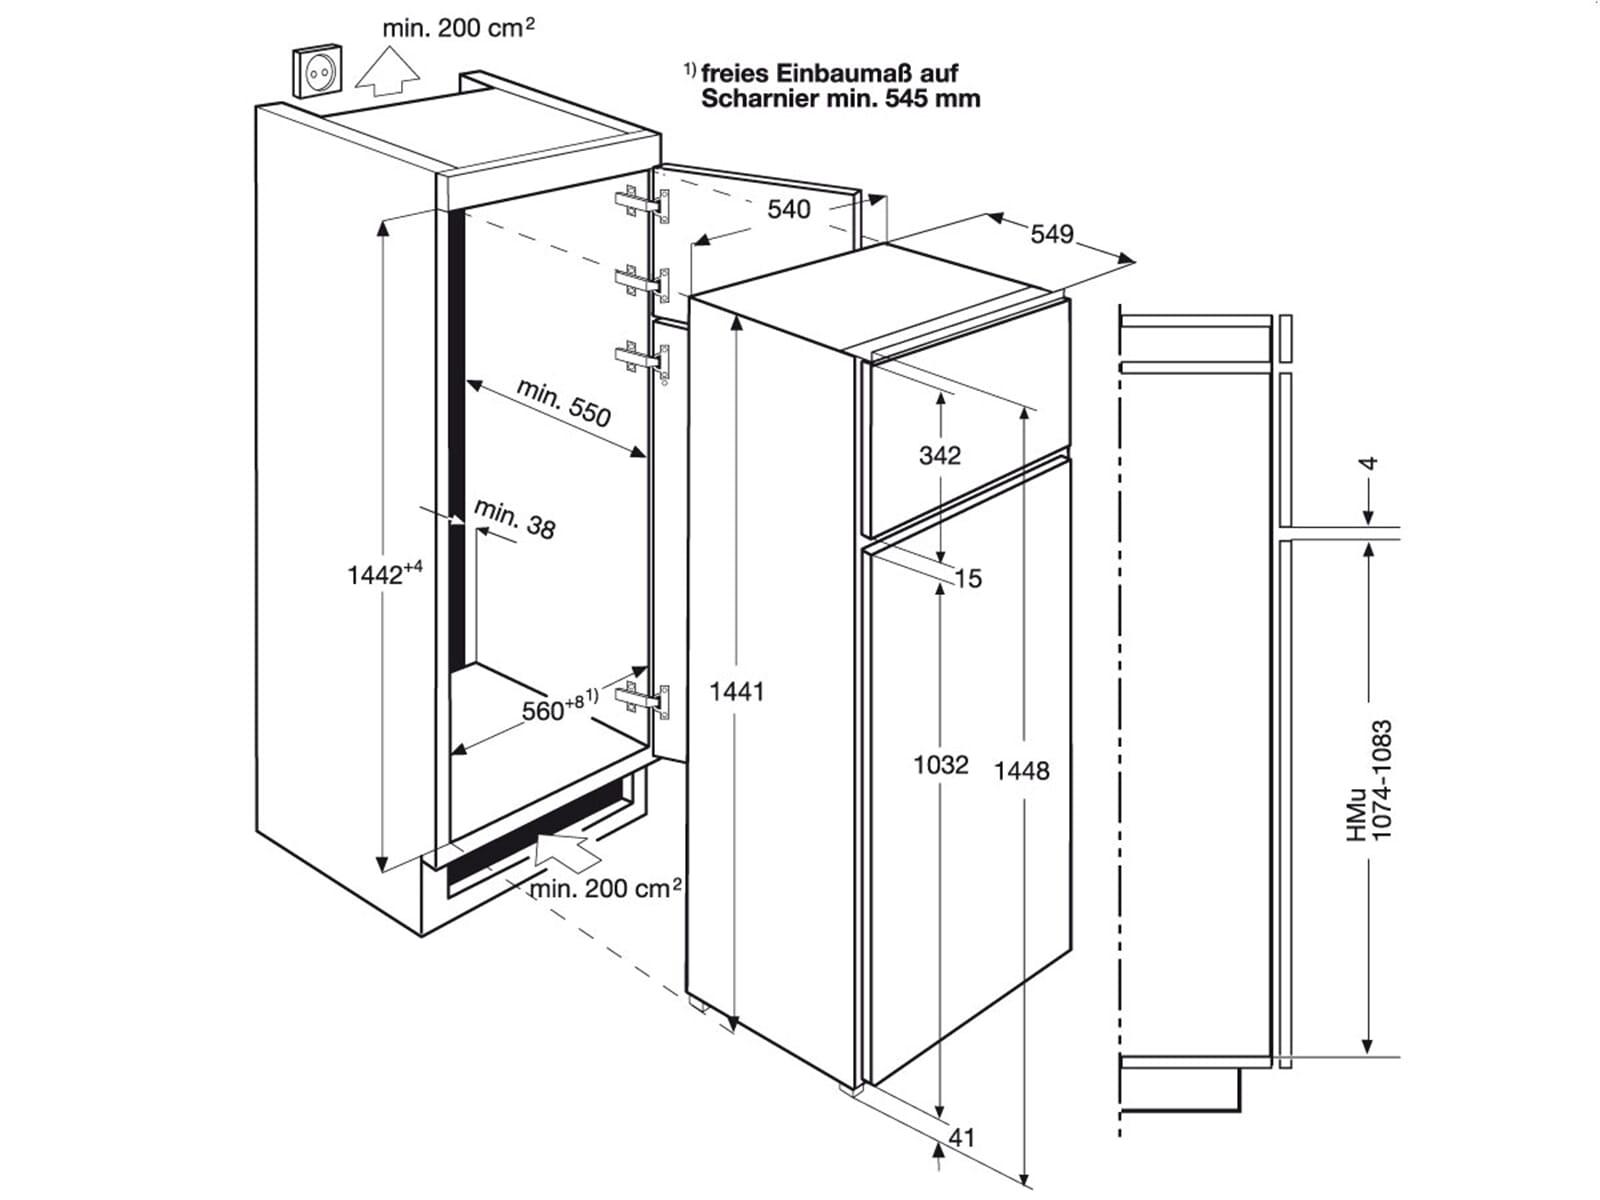 zanker kbt23001sk einbau k hl gefrierkombination k hlger t k hlkombi gefrierfach ebay. Black Bedroom Furniture Sets. Home Design Ideas